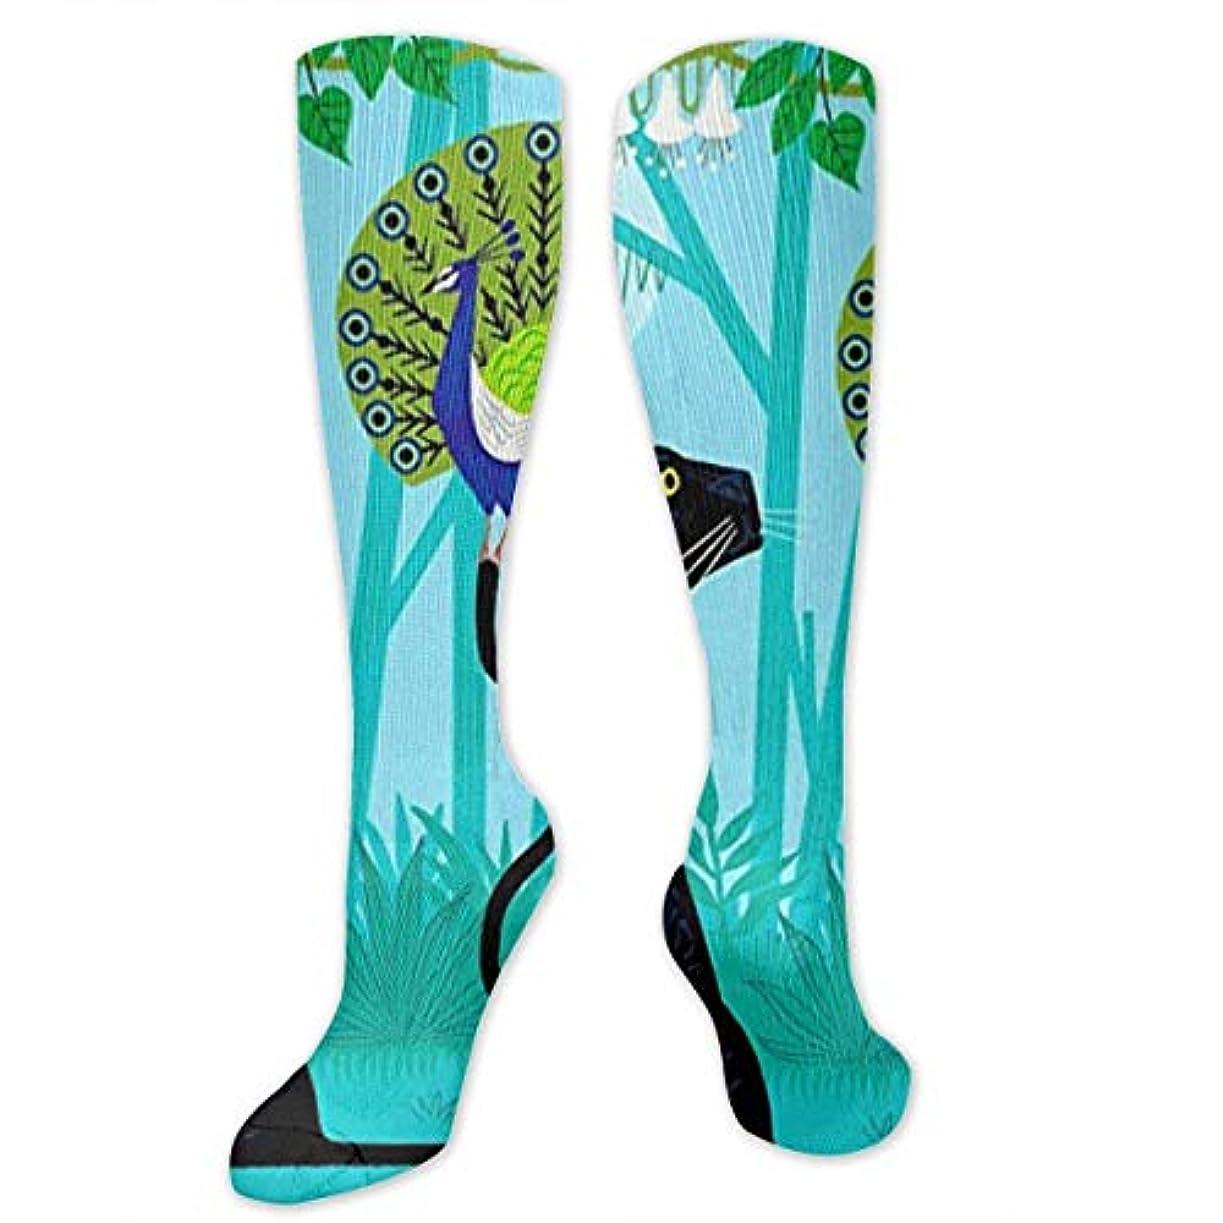 勧めるチューインガム保護靴下,ストッキング,野生のジョーカー,実際,秋の本質,冬必須,サマーウェア&RBXAA The Peacock The Panther Socks Women's Winter Cotton Long Tube Socks...